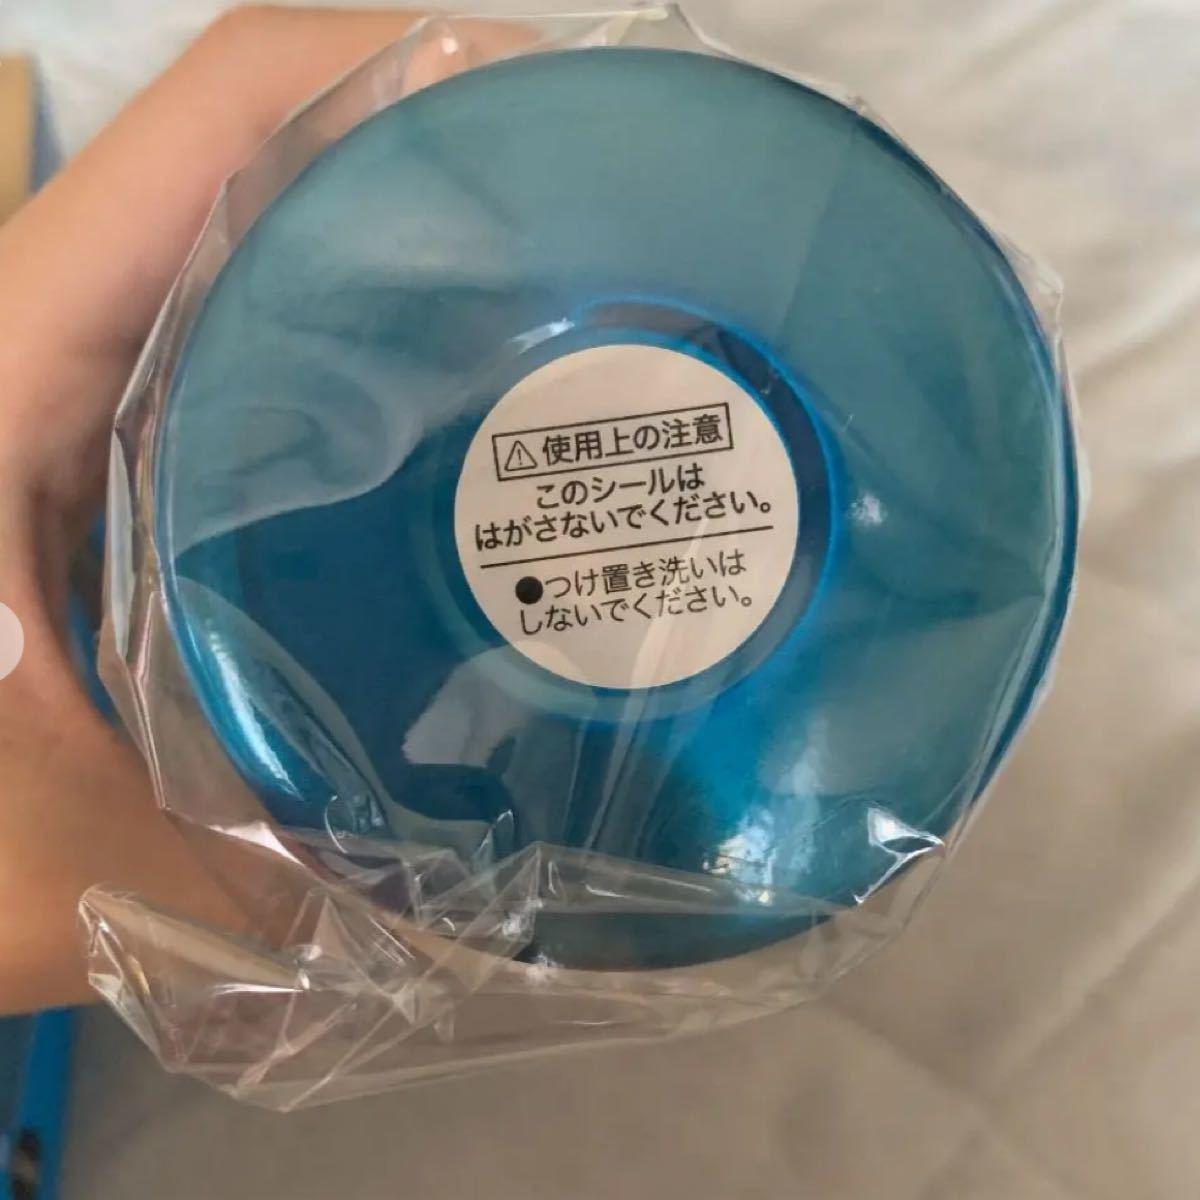 真空ステンレスタンブラー ブルー 350ml hot&cool 真空断熱タンブラー ステンレスタンブラー